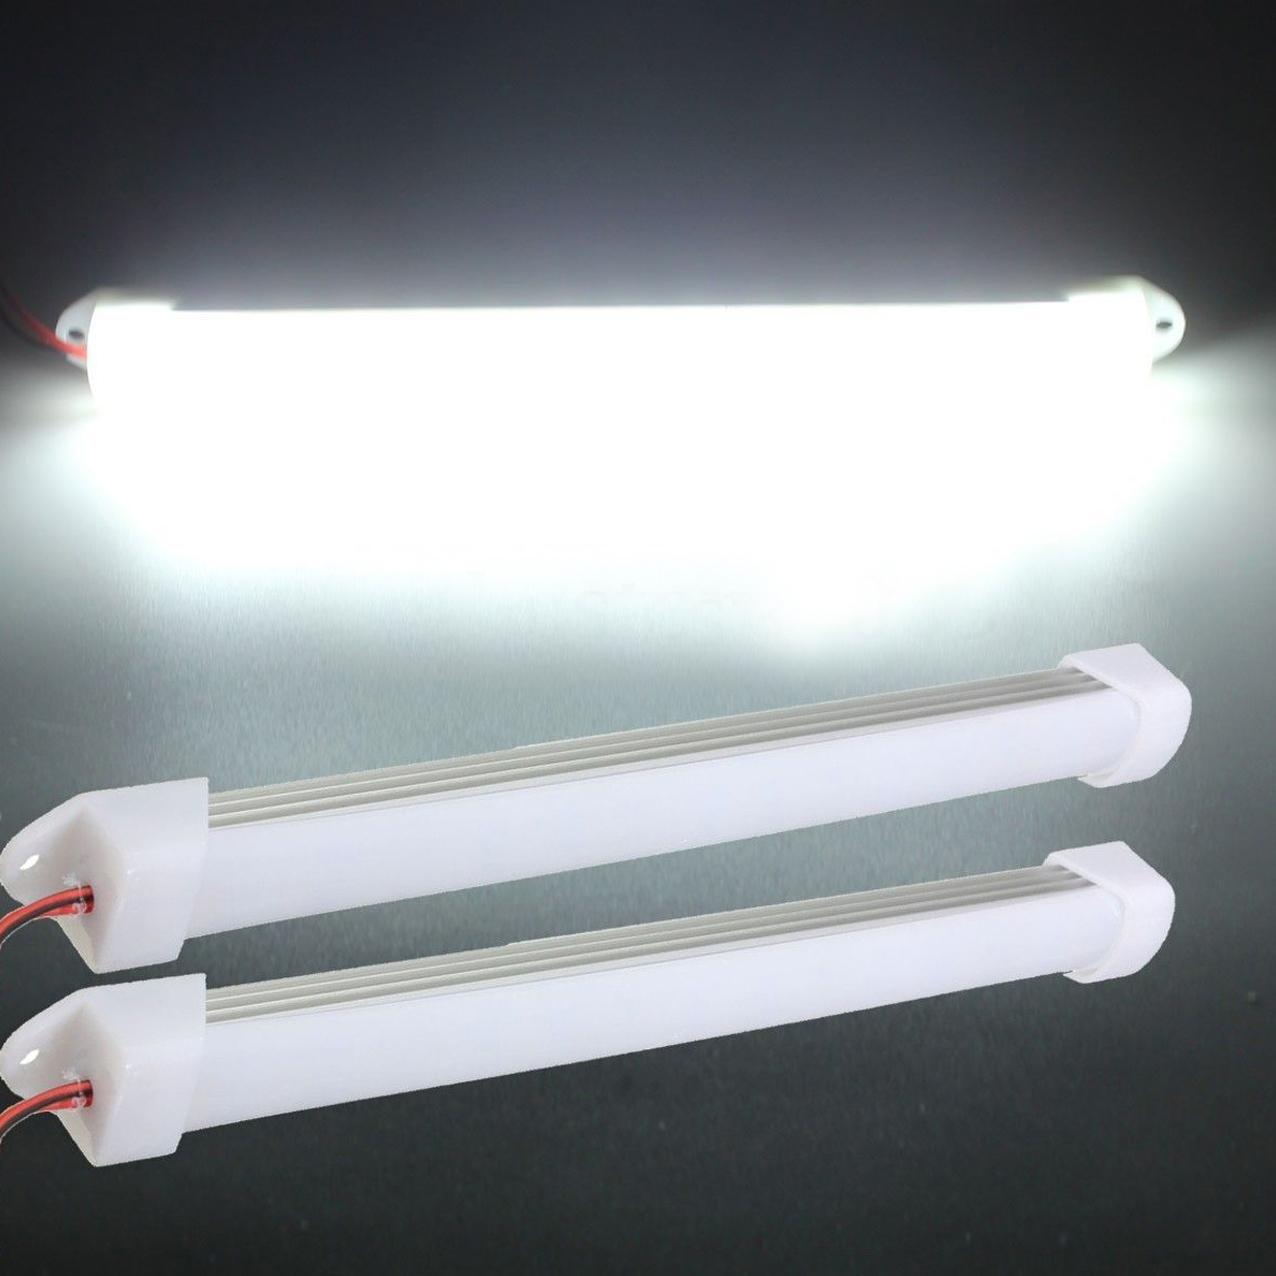 2x 12v car led smd interior light bar tube strip lamp van boat e8 ebay. Black Bedroom Furniture Sets. Home Design Ideas